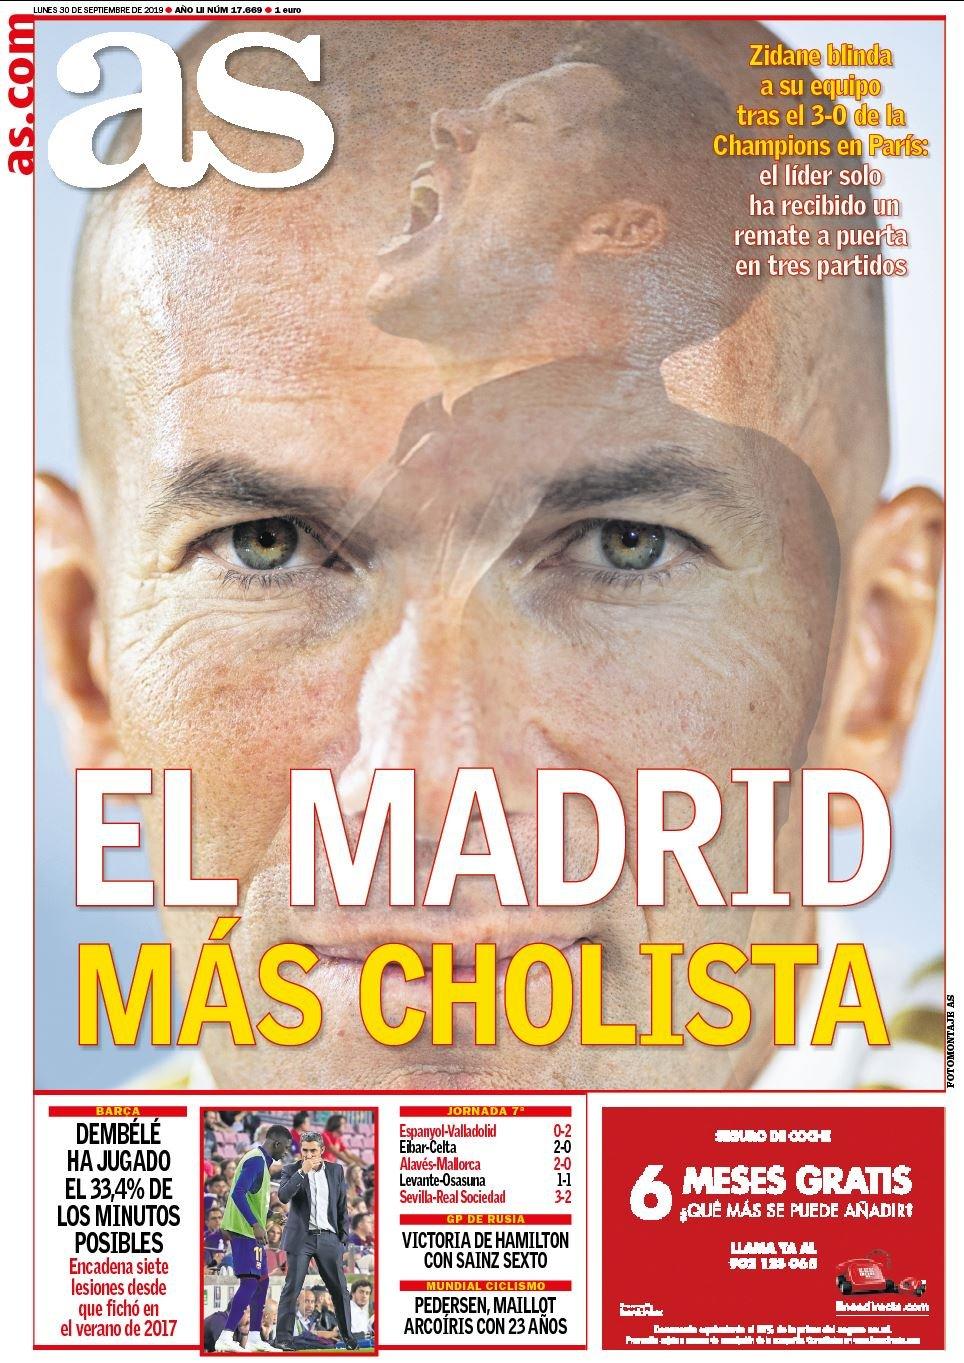 Atletico De Madrid - Página 3 Efqfnt10